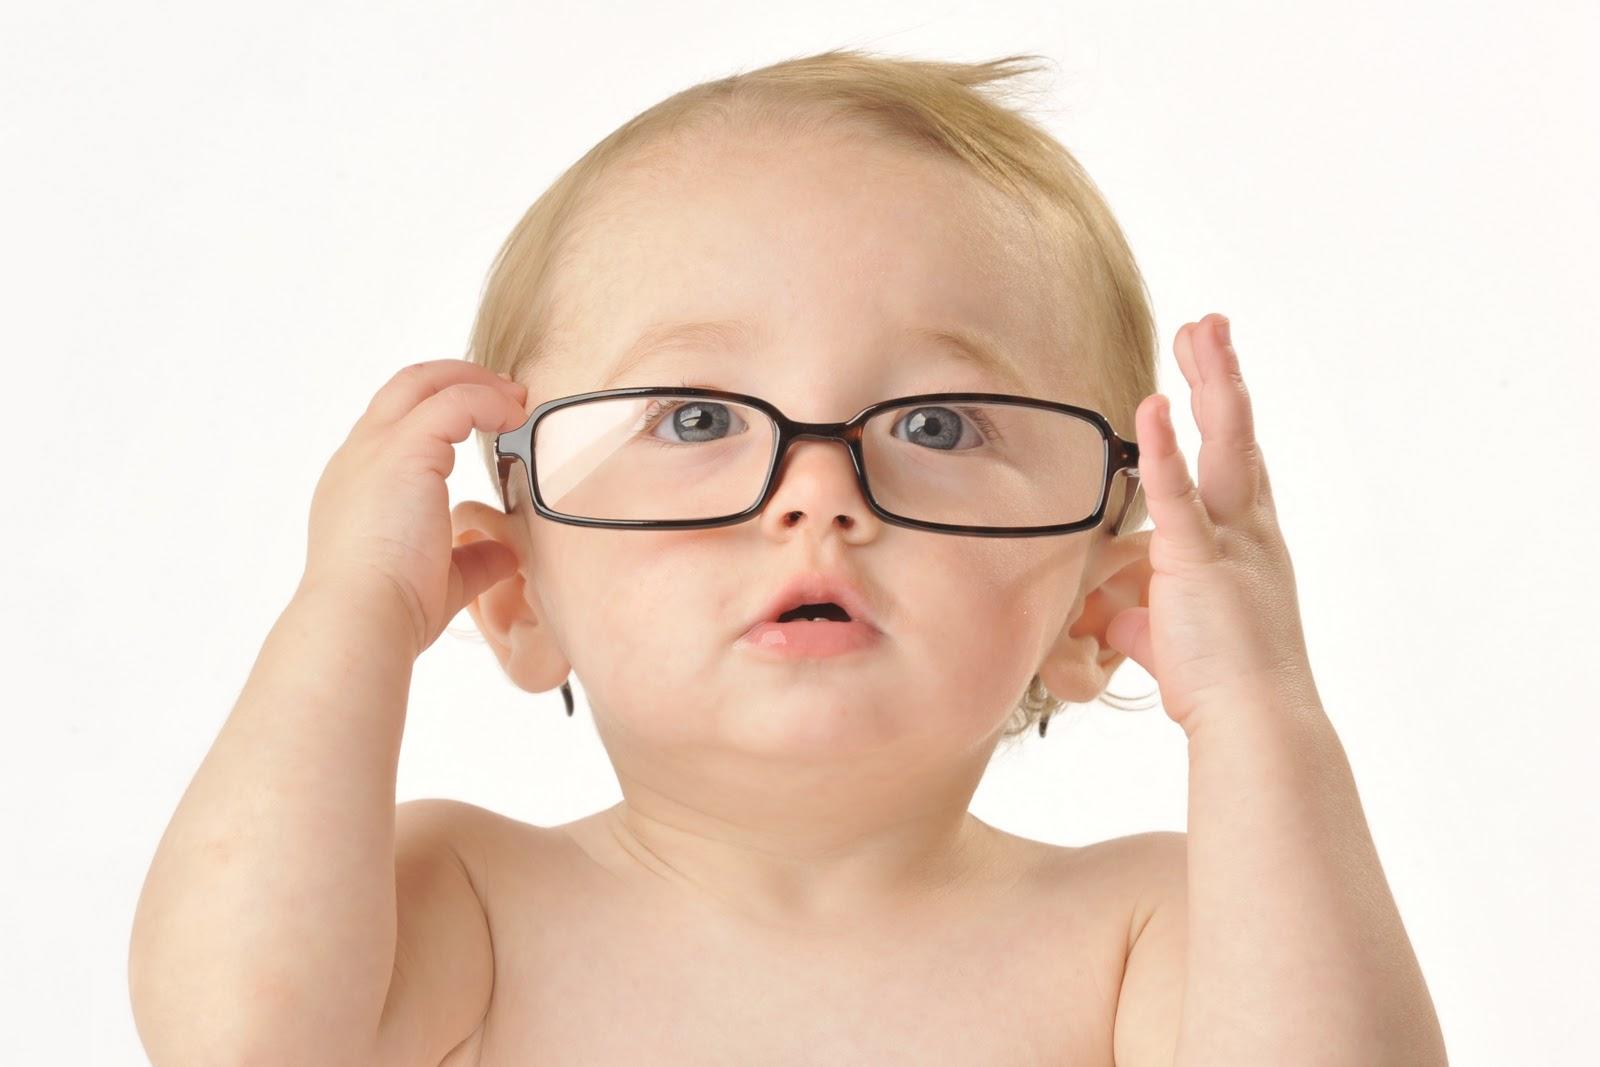 Cum este tratamentul hipermetropiei la copii?